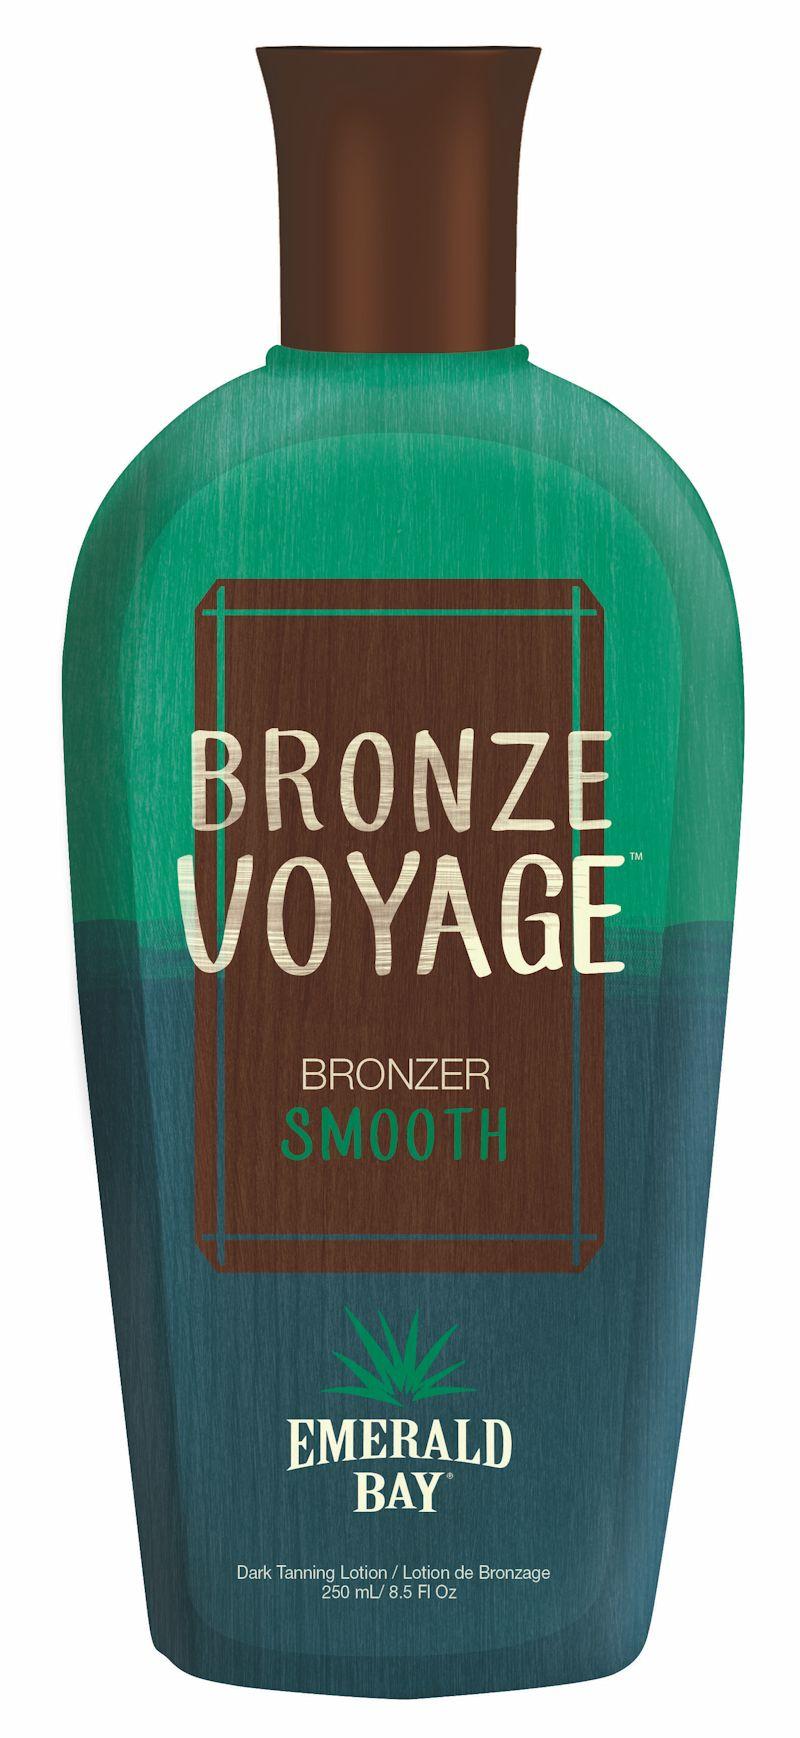 Bronze Voyage™ Bronzer